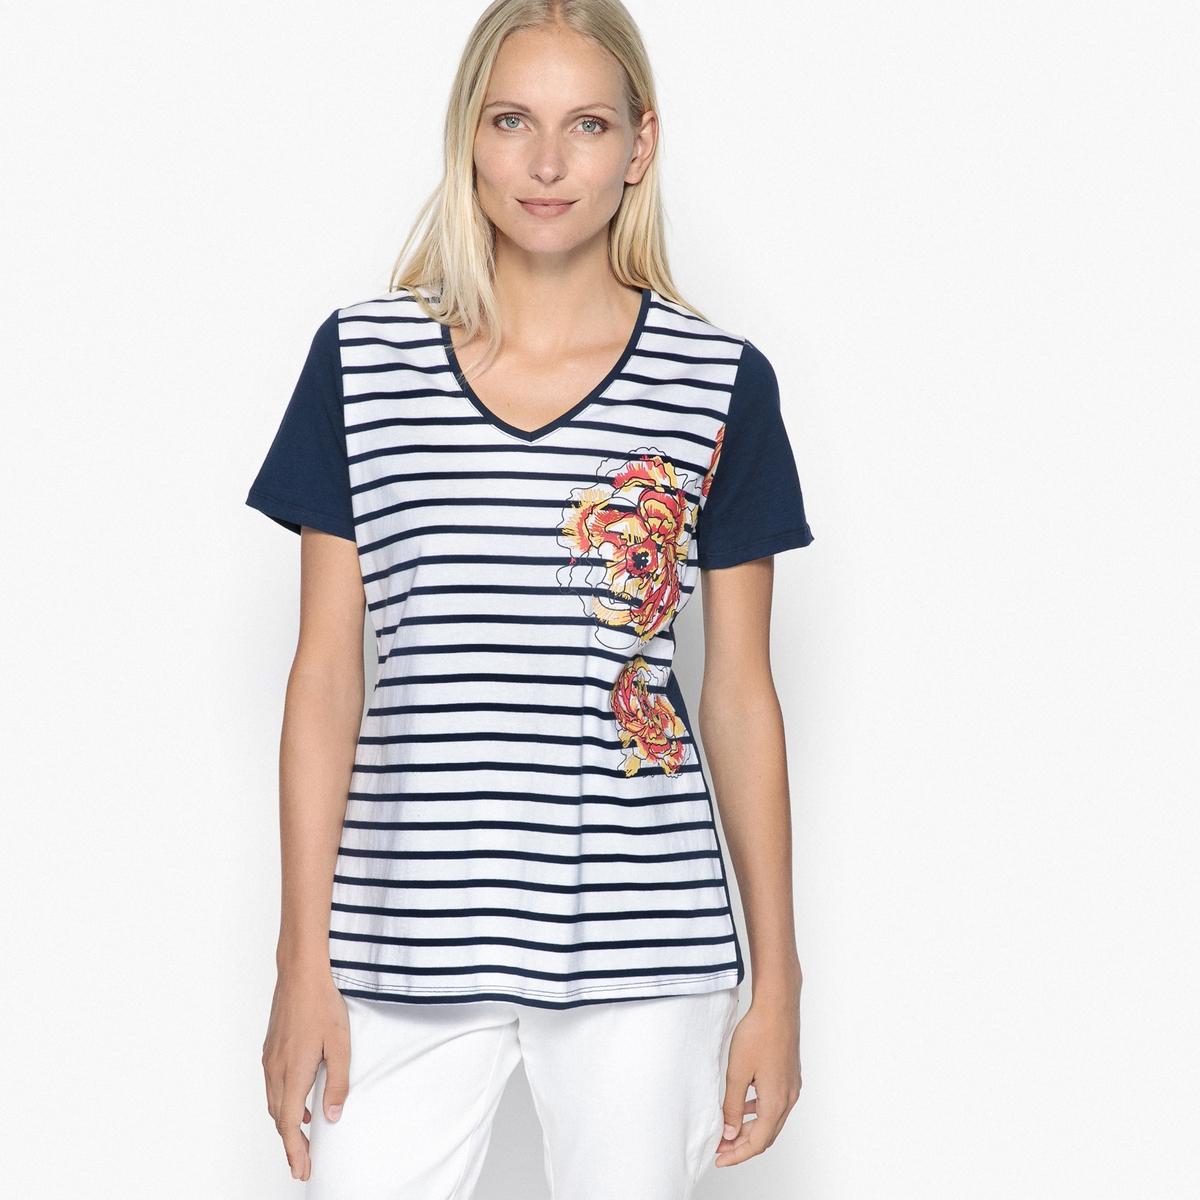 Футболка с V-образным вырезом и рисунком, 100% чесаный хлопок футболка базовая с u образным вырезом